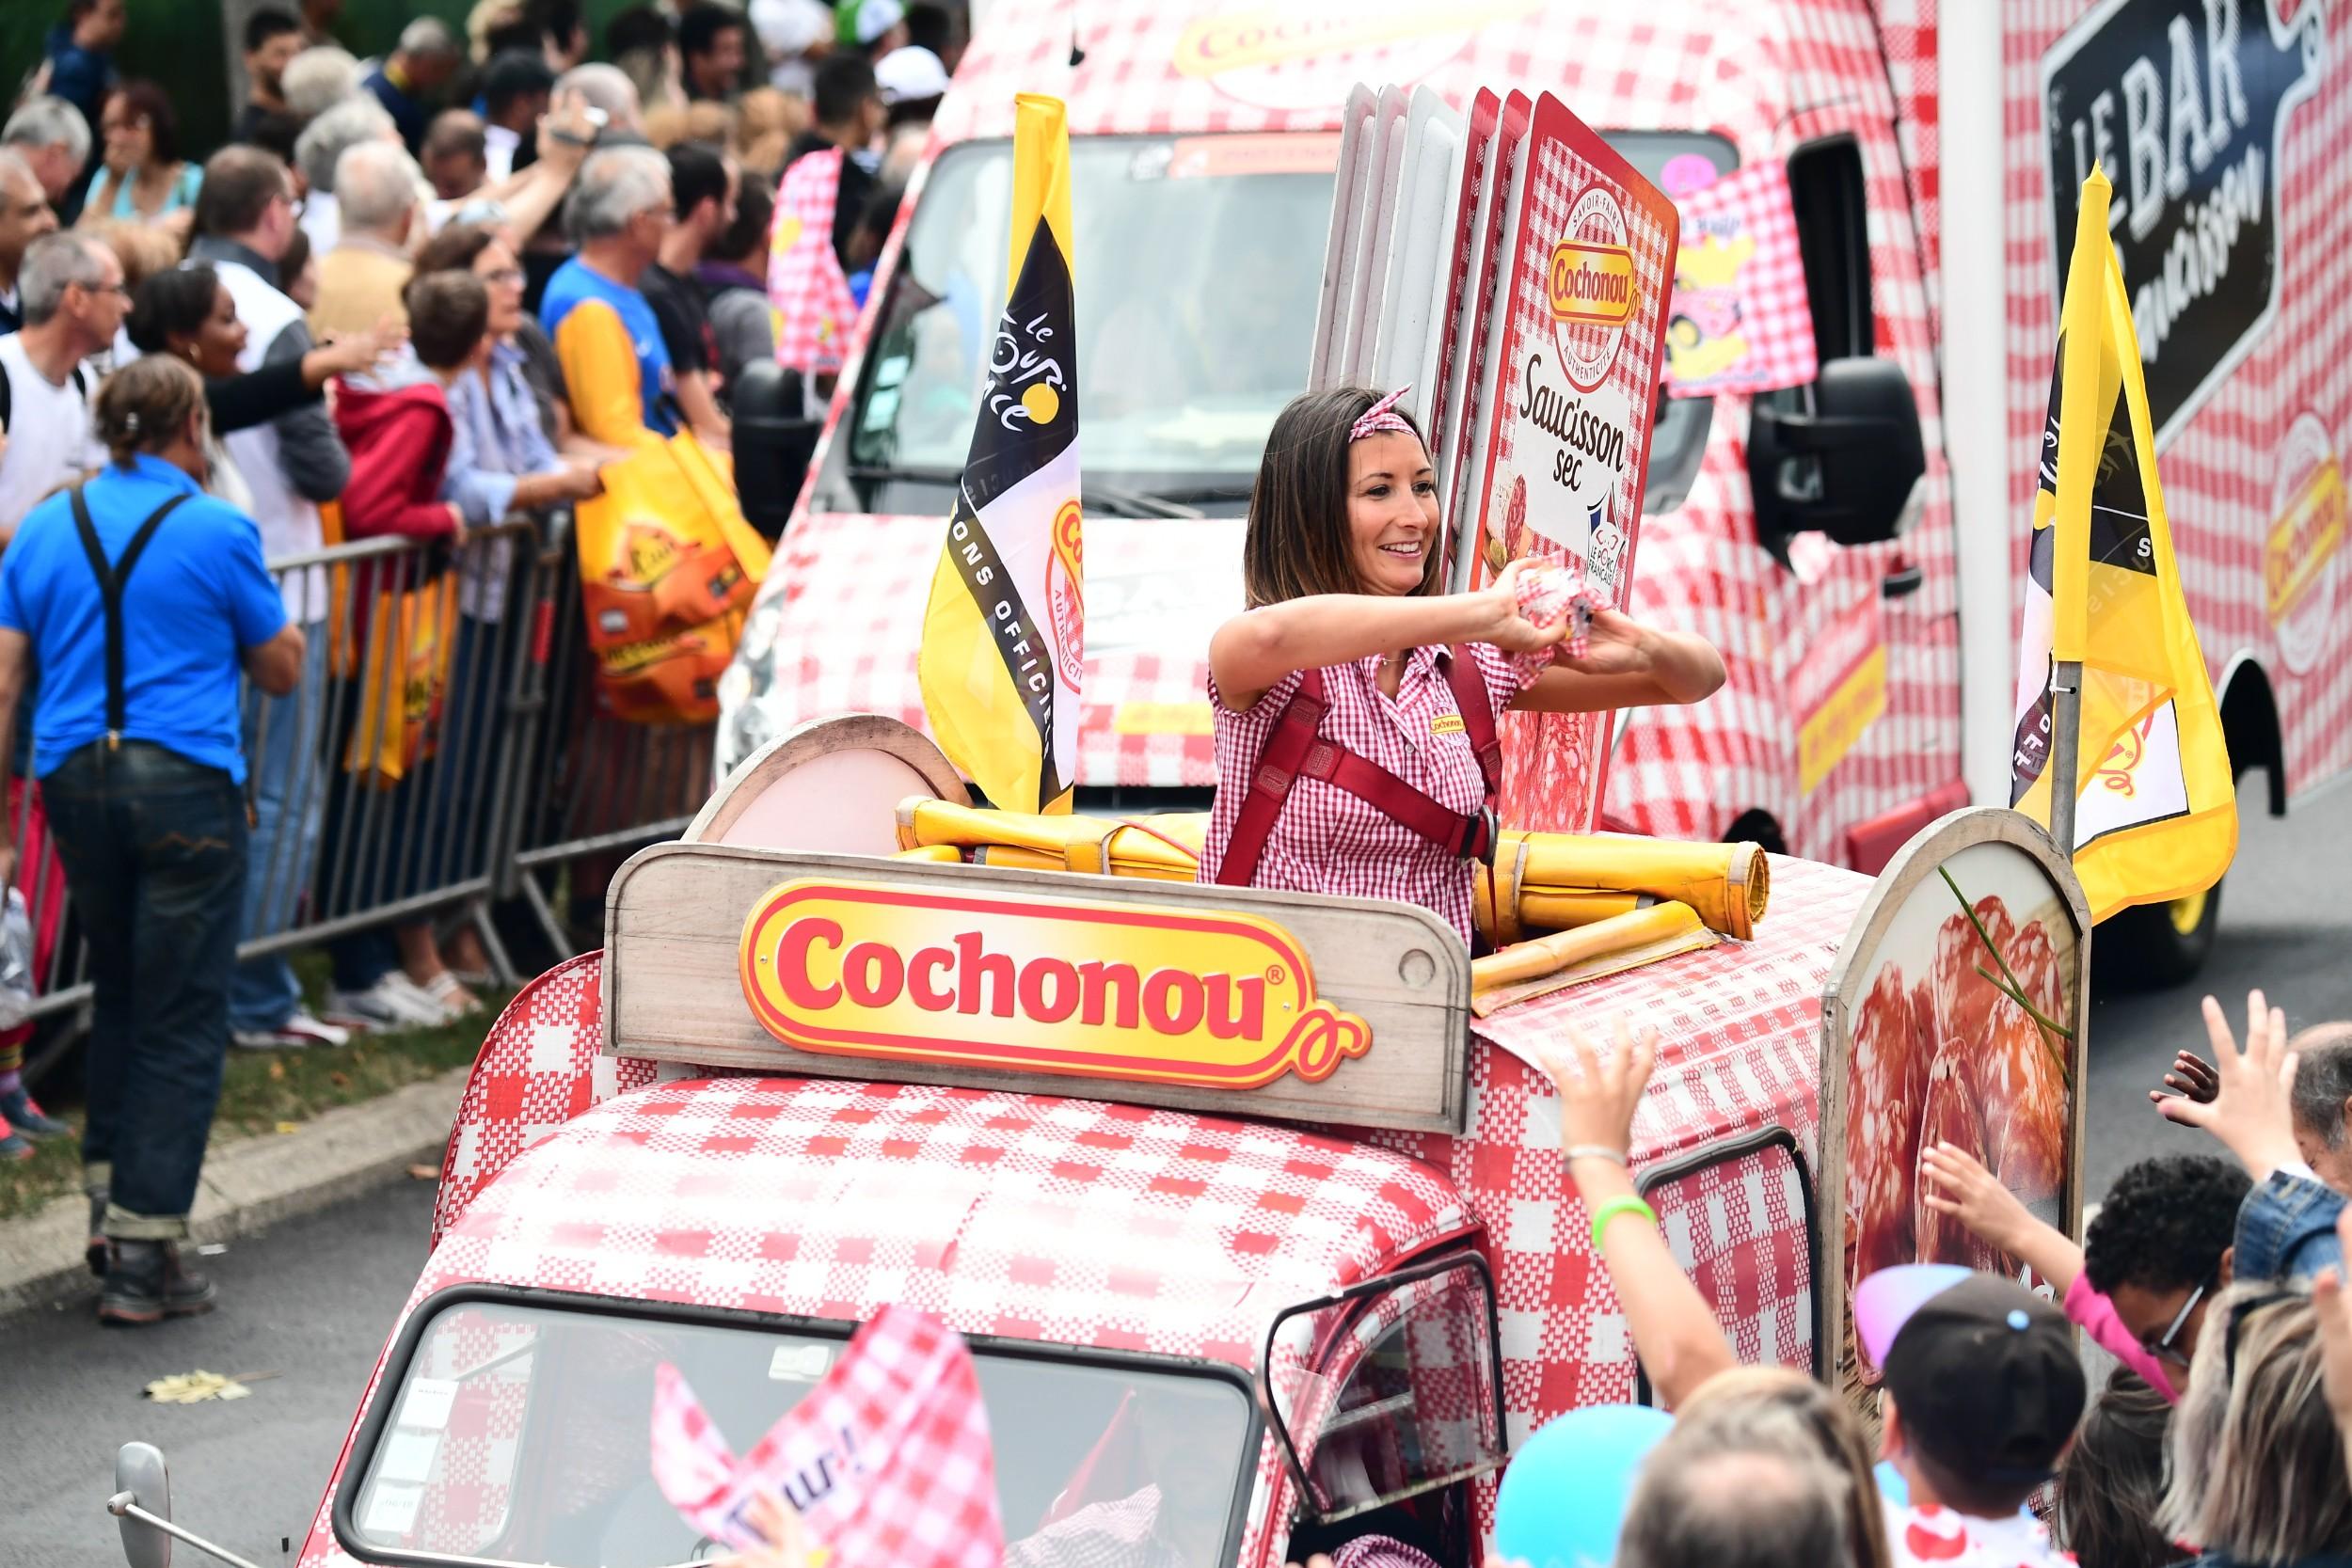 20170723TDF1069 ASO20Alex20BROADWAY - La caravane Cochonou du tour de France se met au RSE